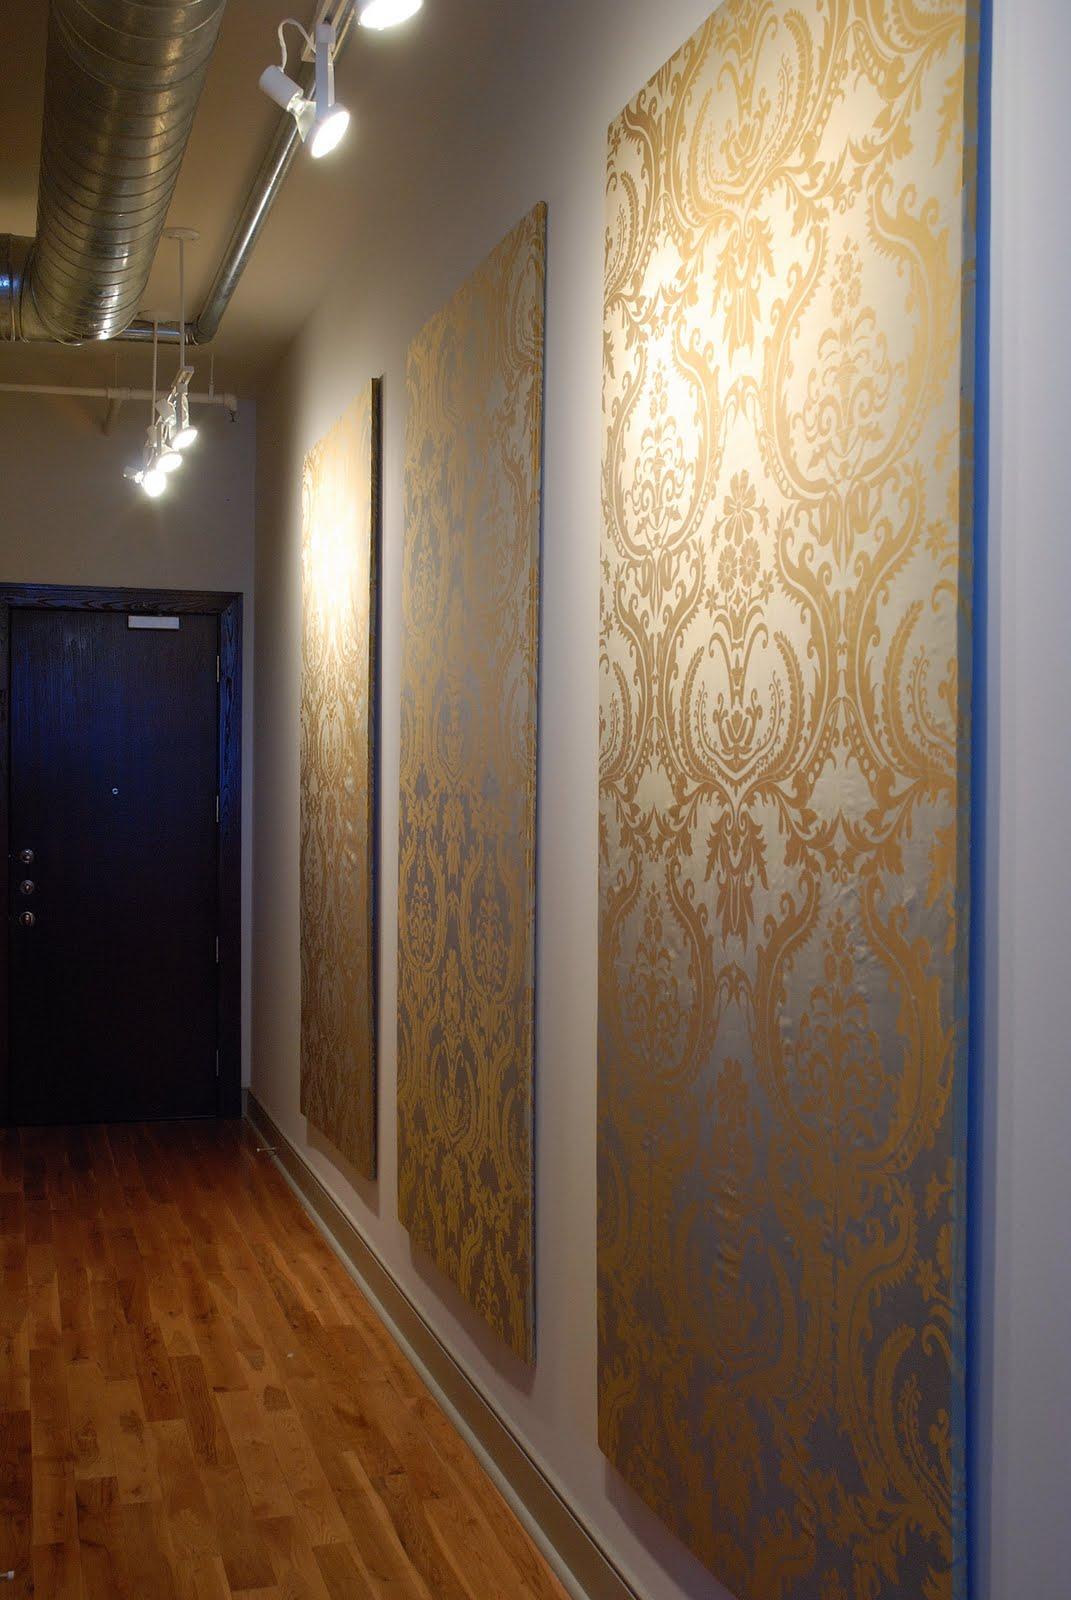 фото обои в коридор фото